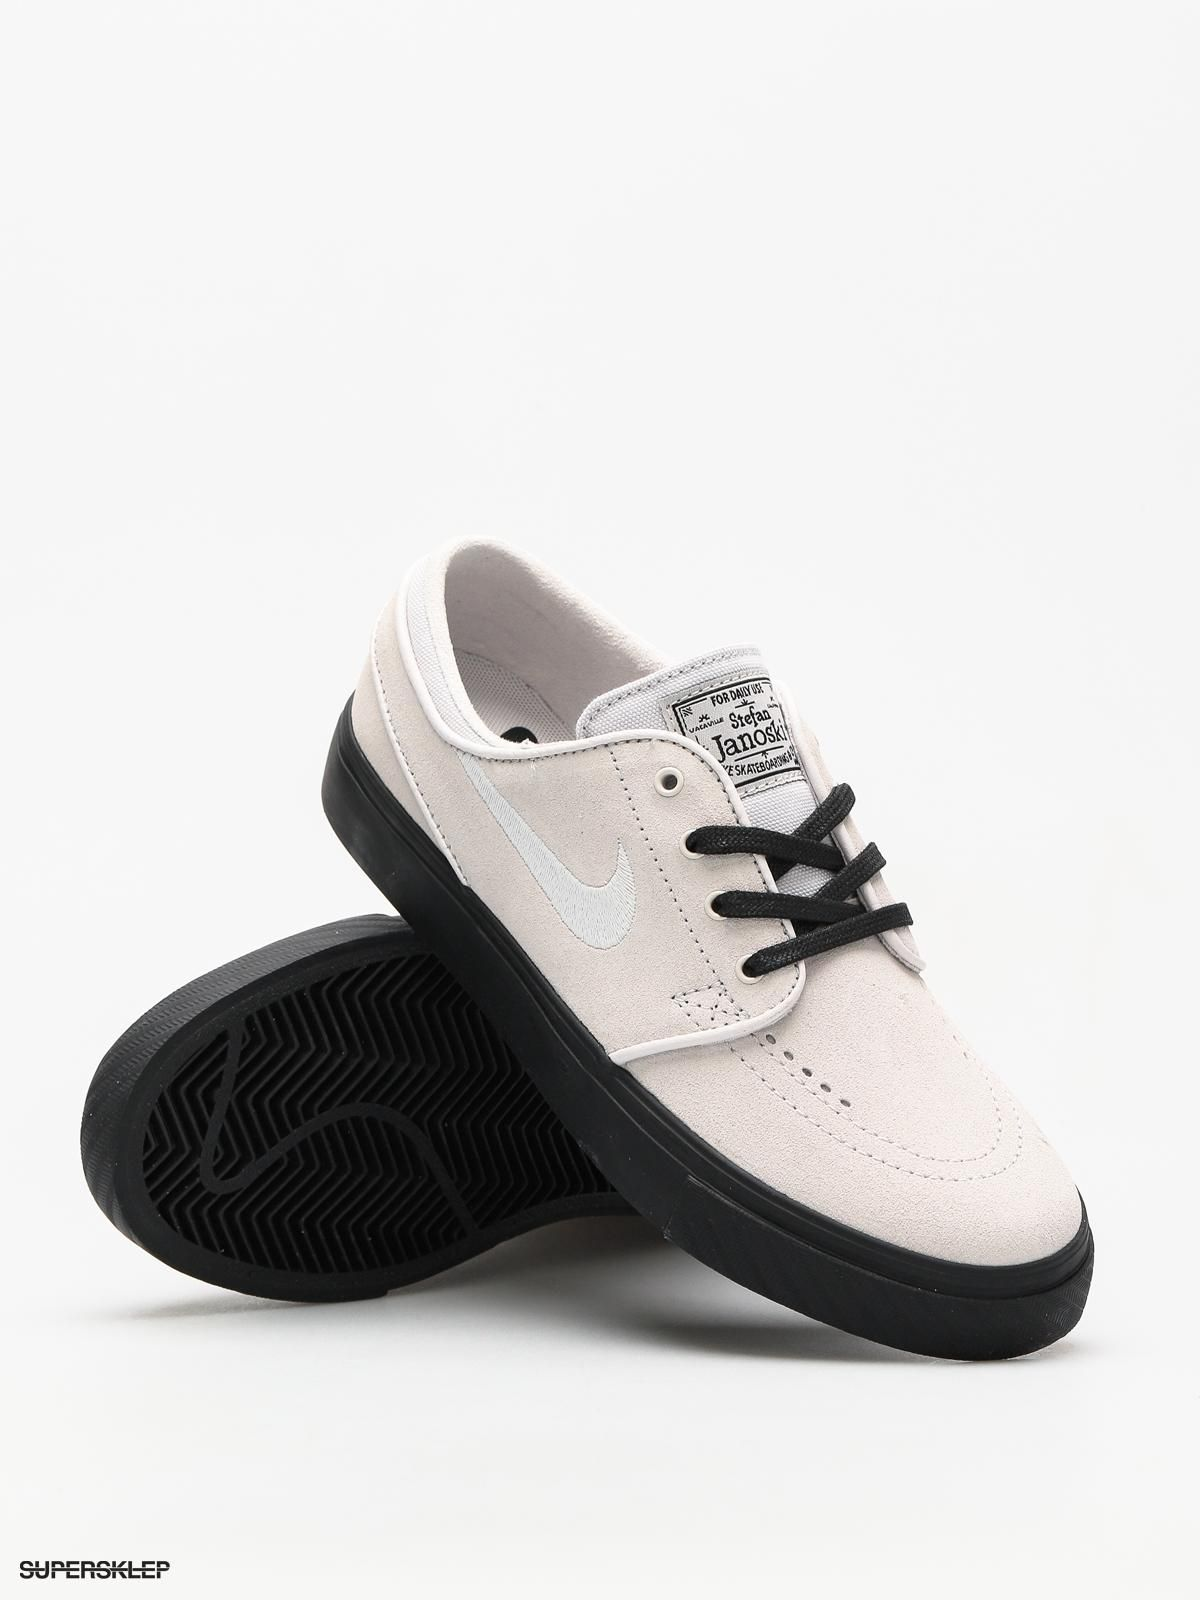 najwyższa jakość różne style autentyczny Buty Nike SB Zoom Stefan Janoski (vast grey/vast grey black ...